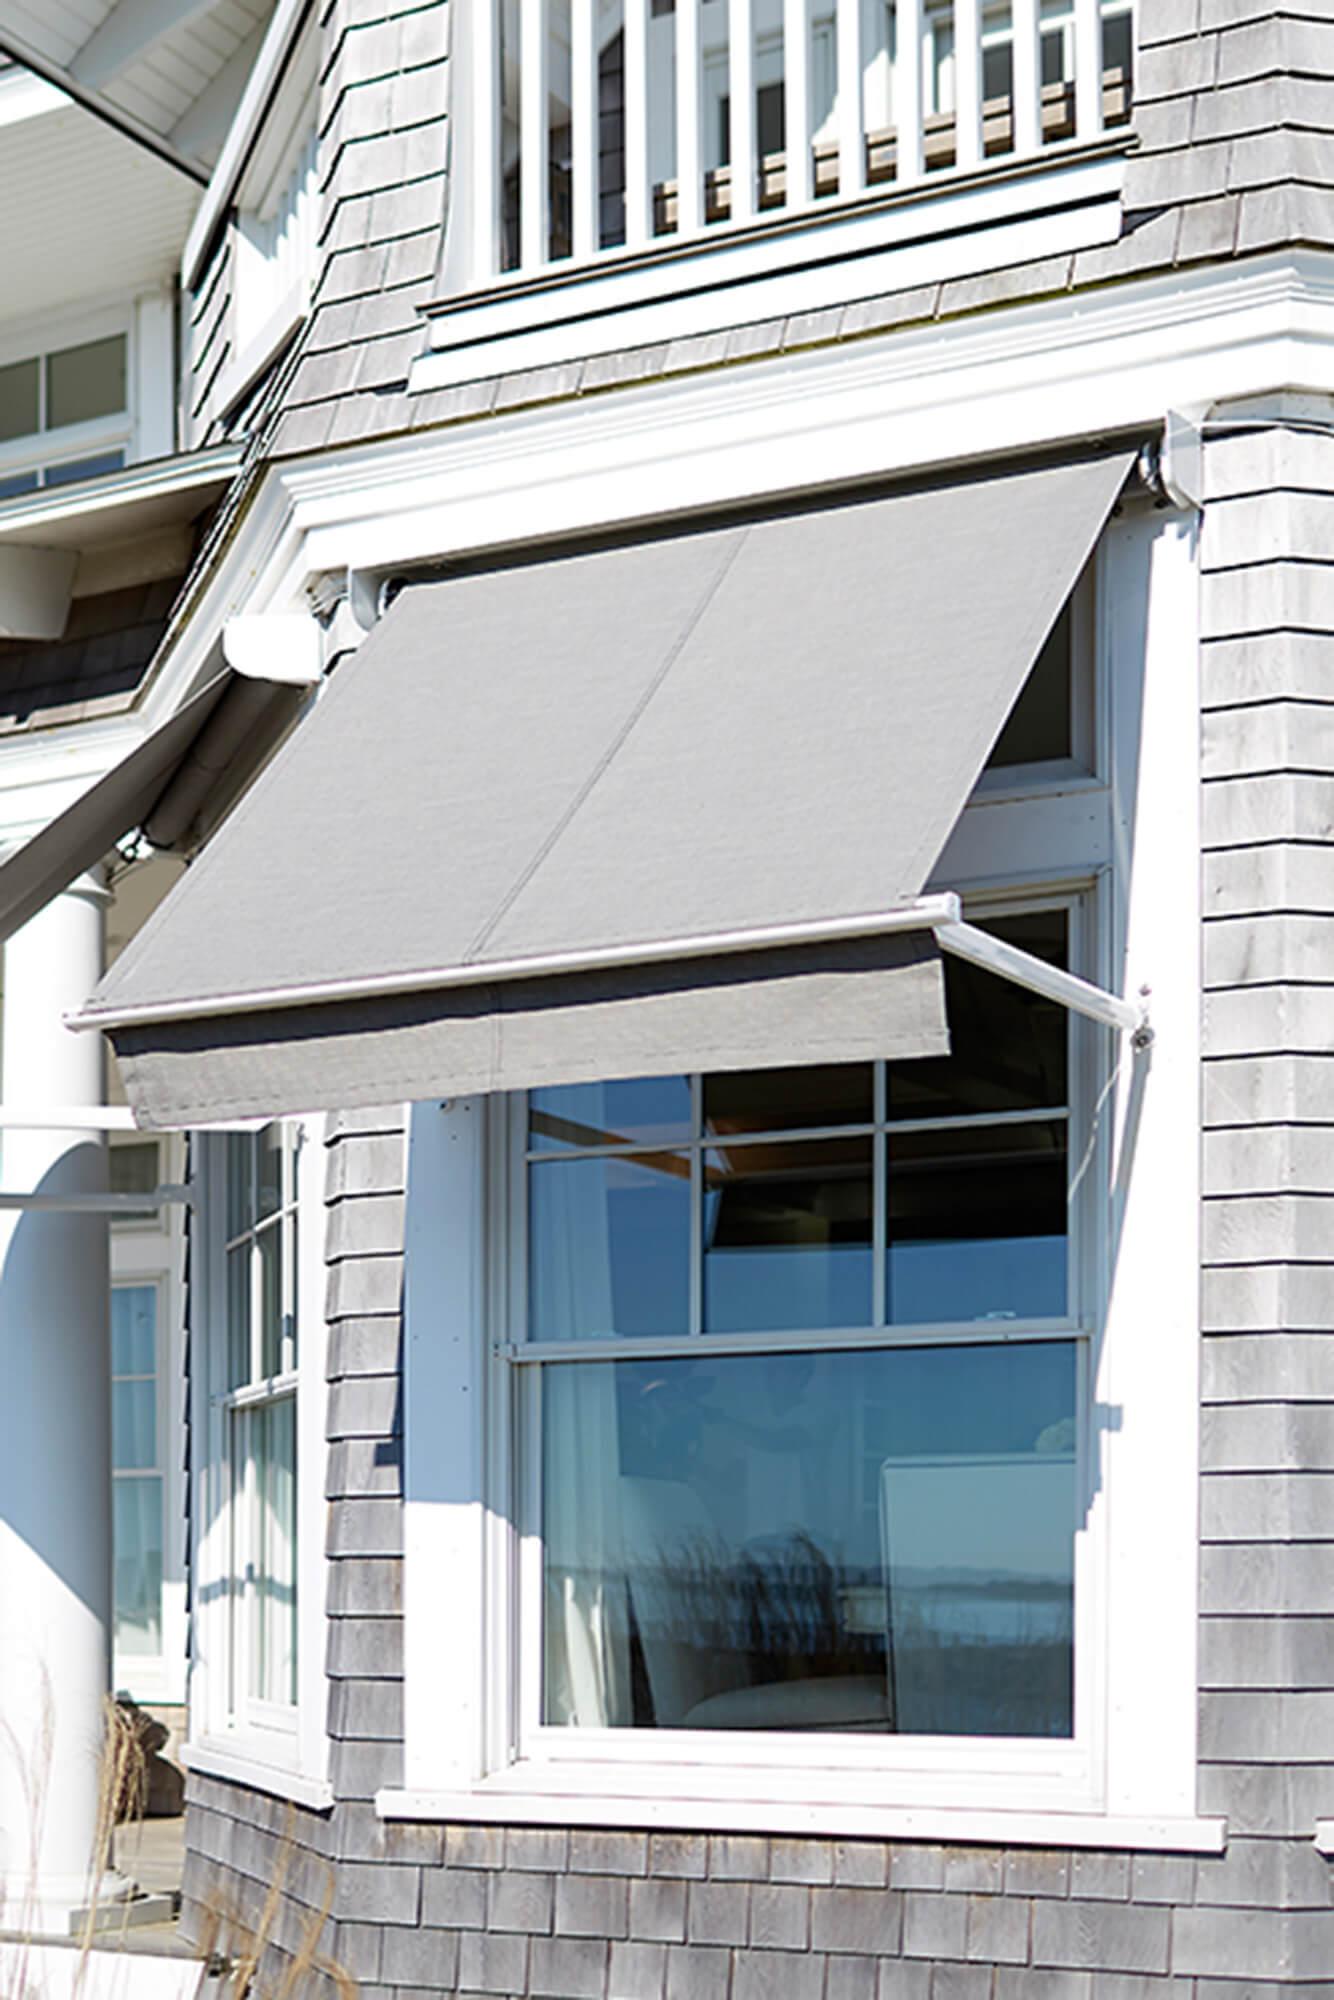 由灰色 Sunbrella 织物制成的窗口遮阳棚